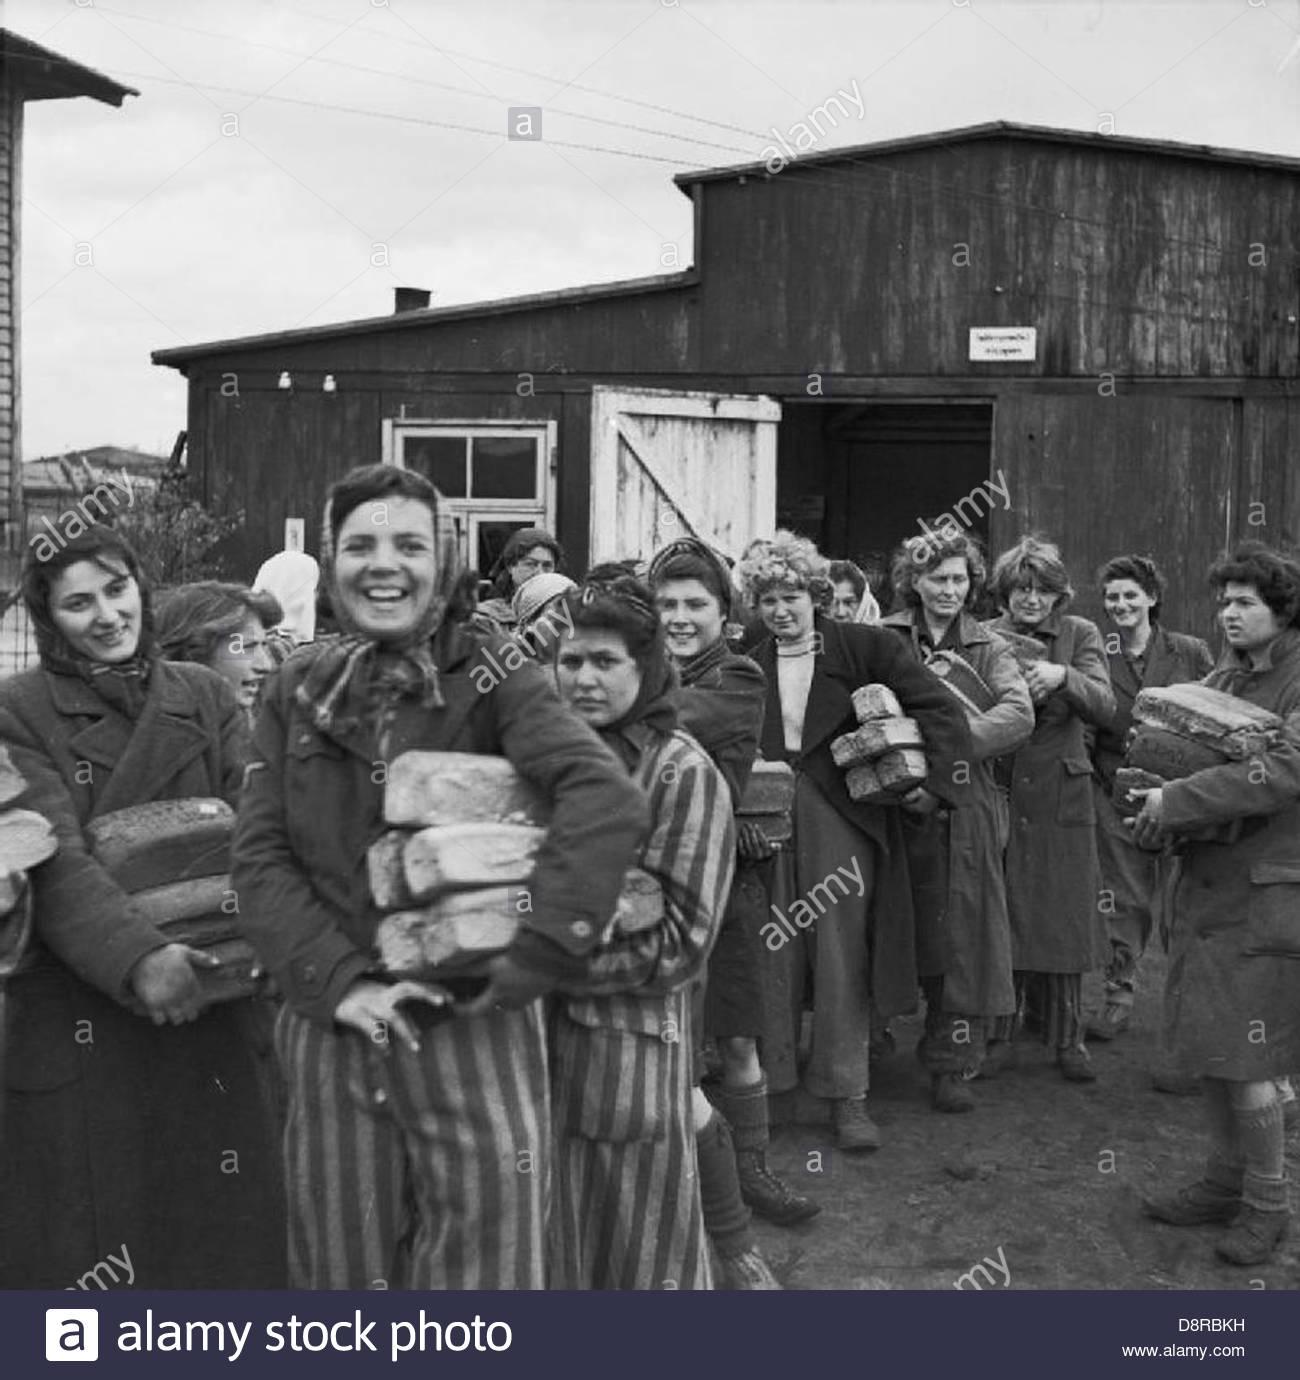 La liberación del campo de concentración de Bergen Belsen, abril de 1945 BU4274. Imagen De Stock